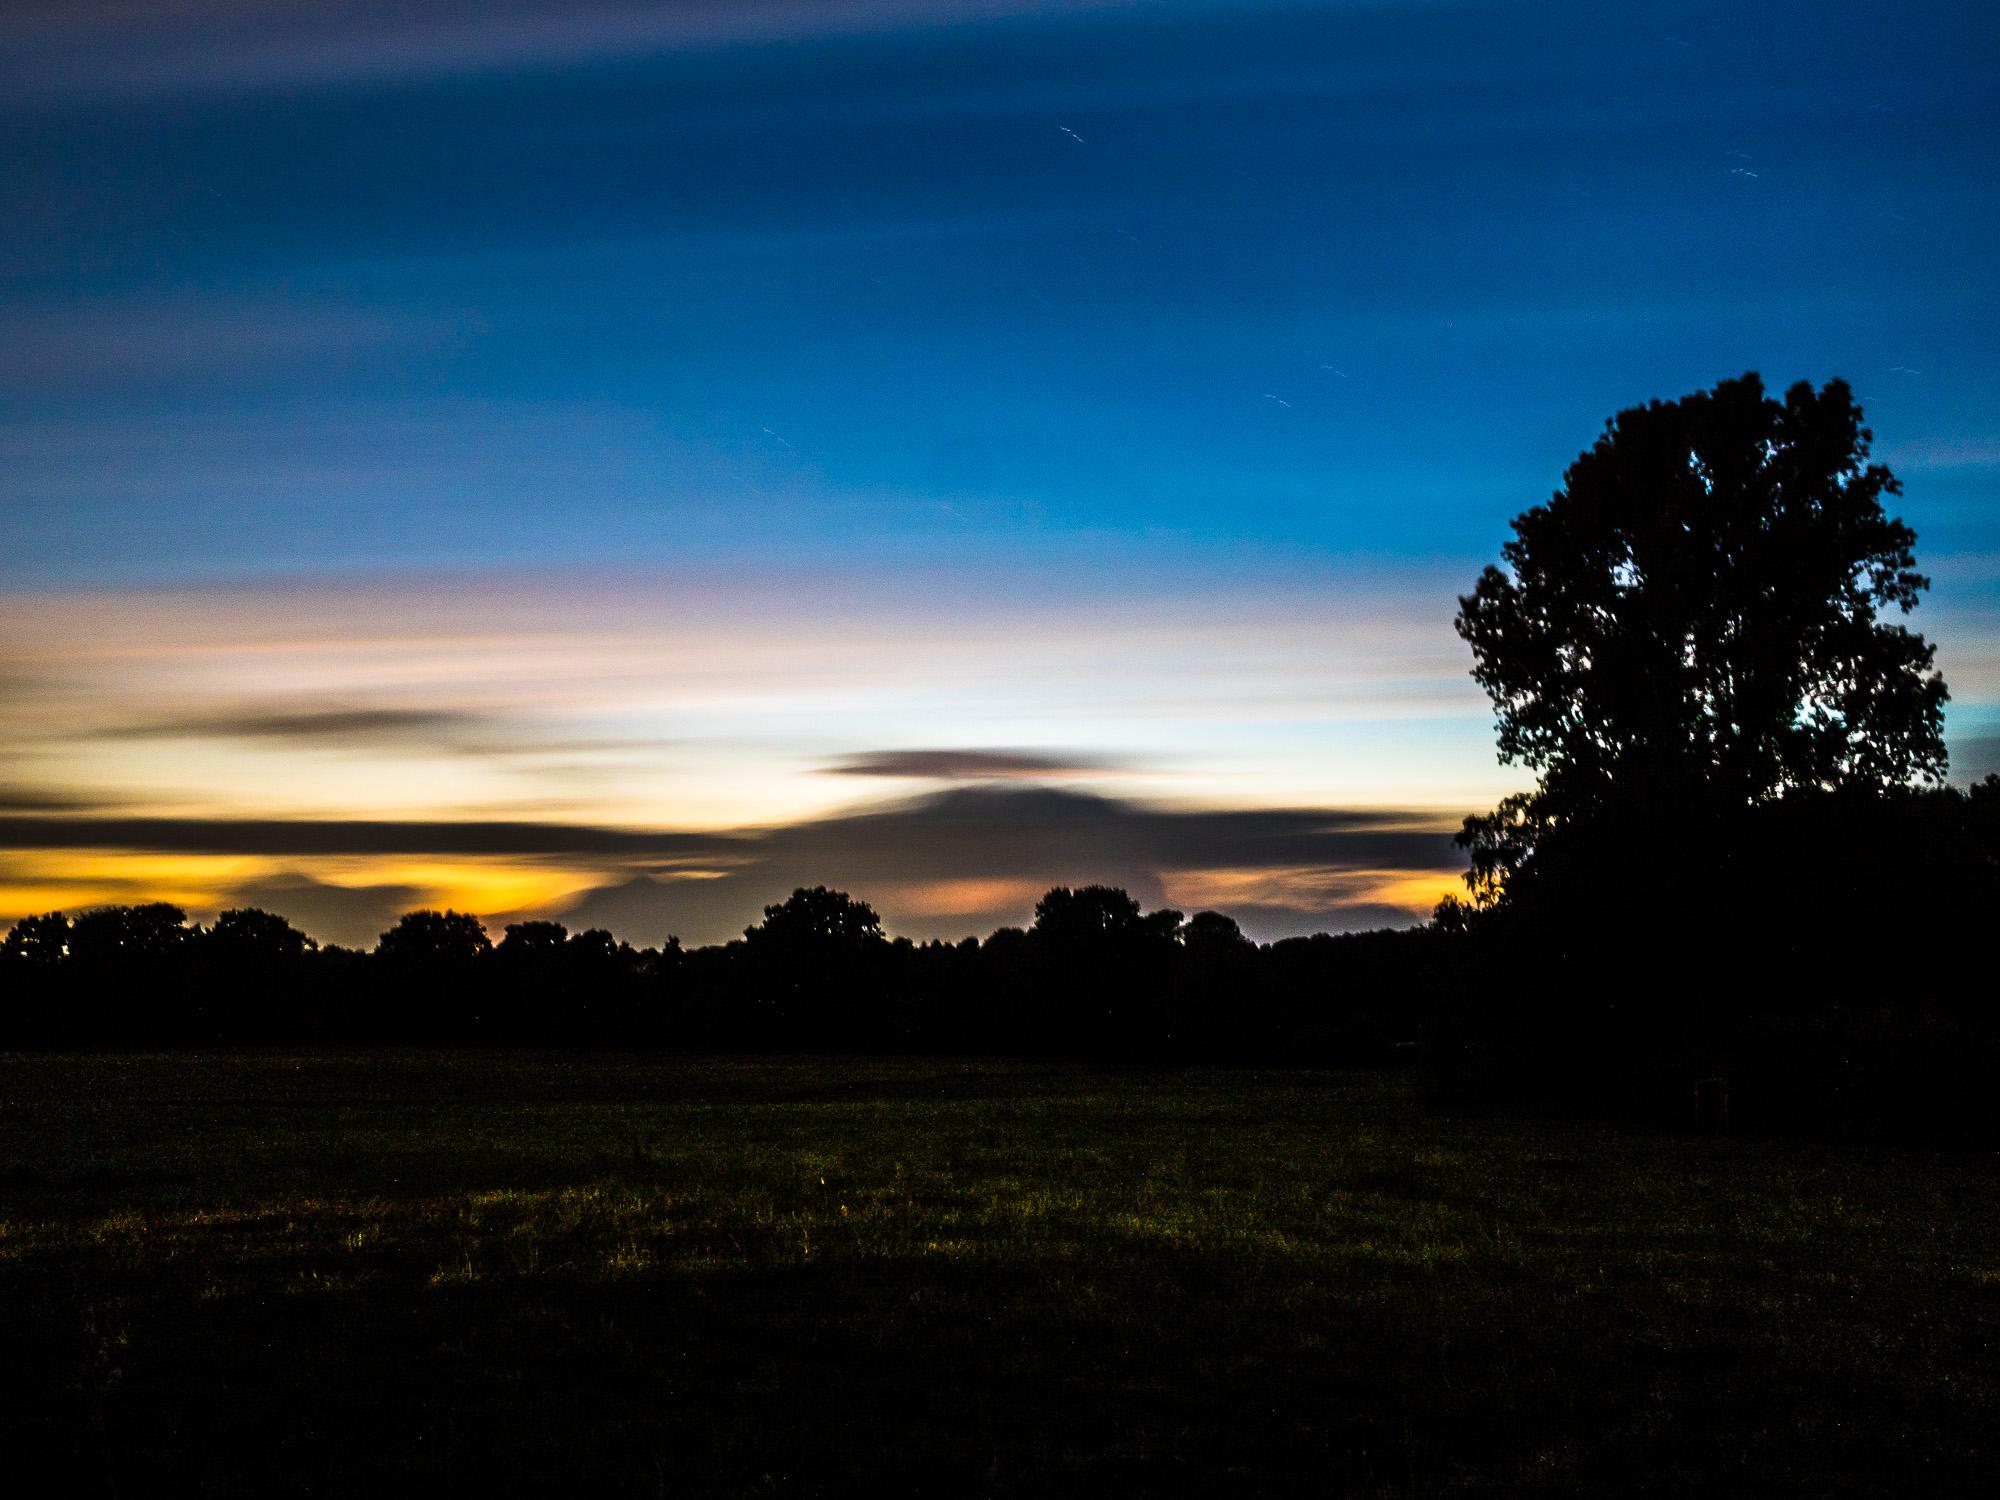 Abendhimmel mit gewitterbeleuchteten Wolken